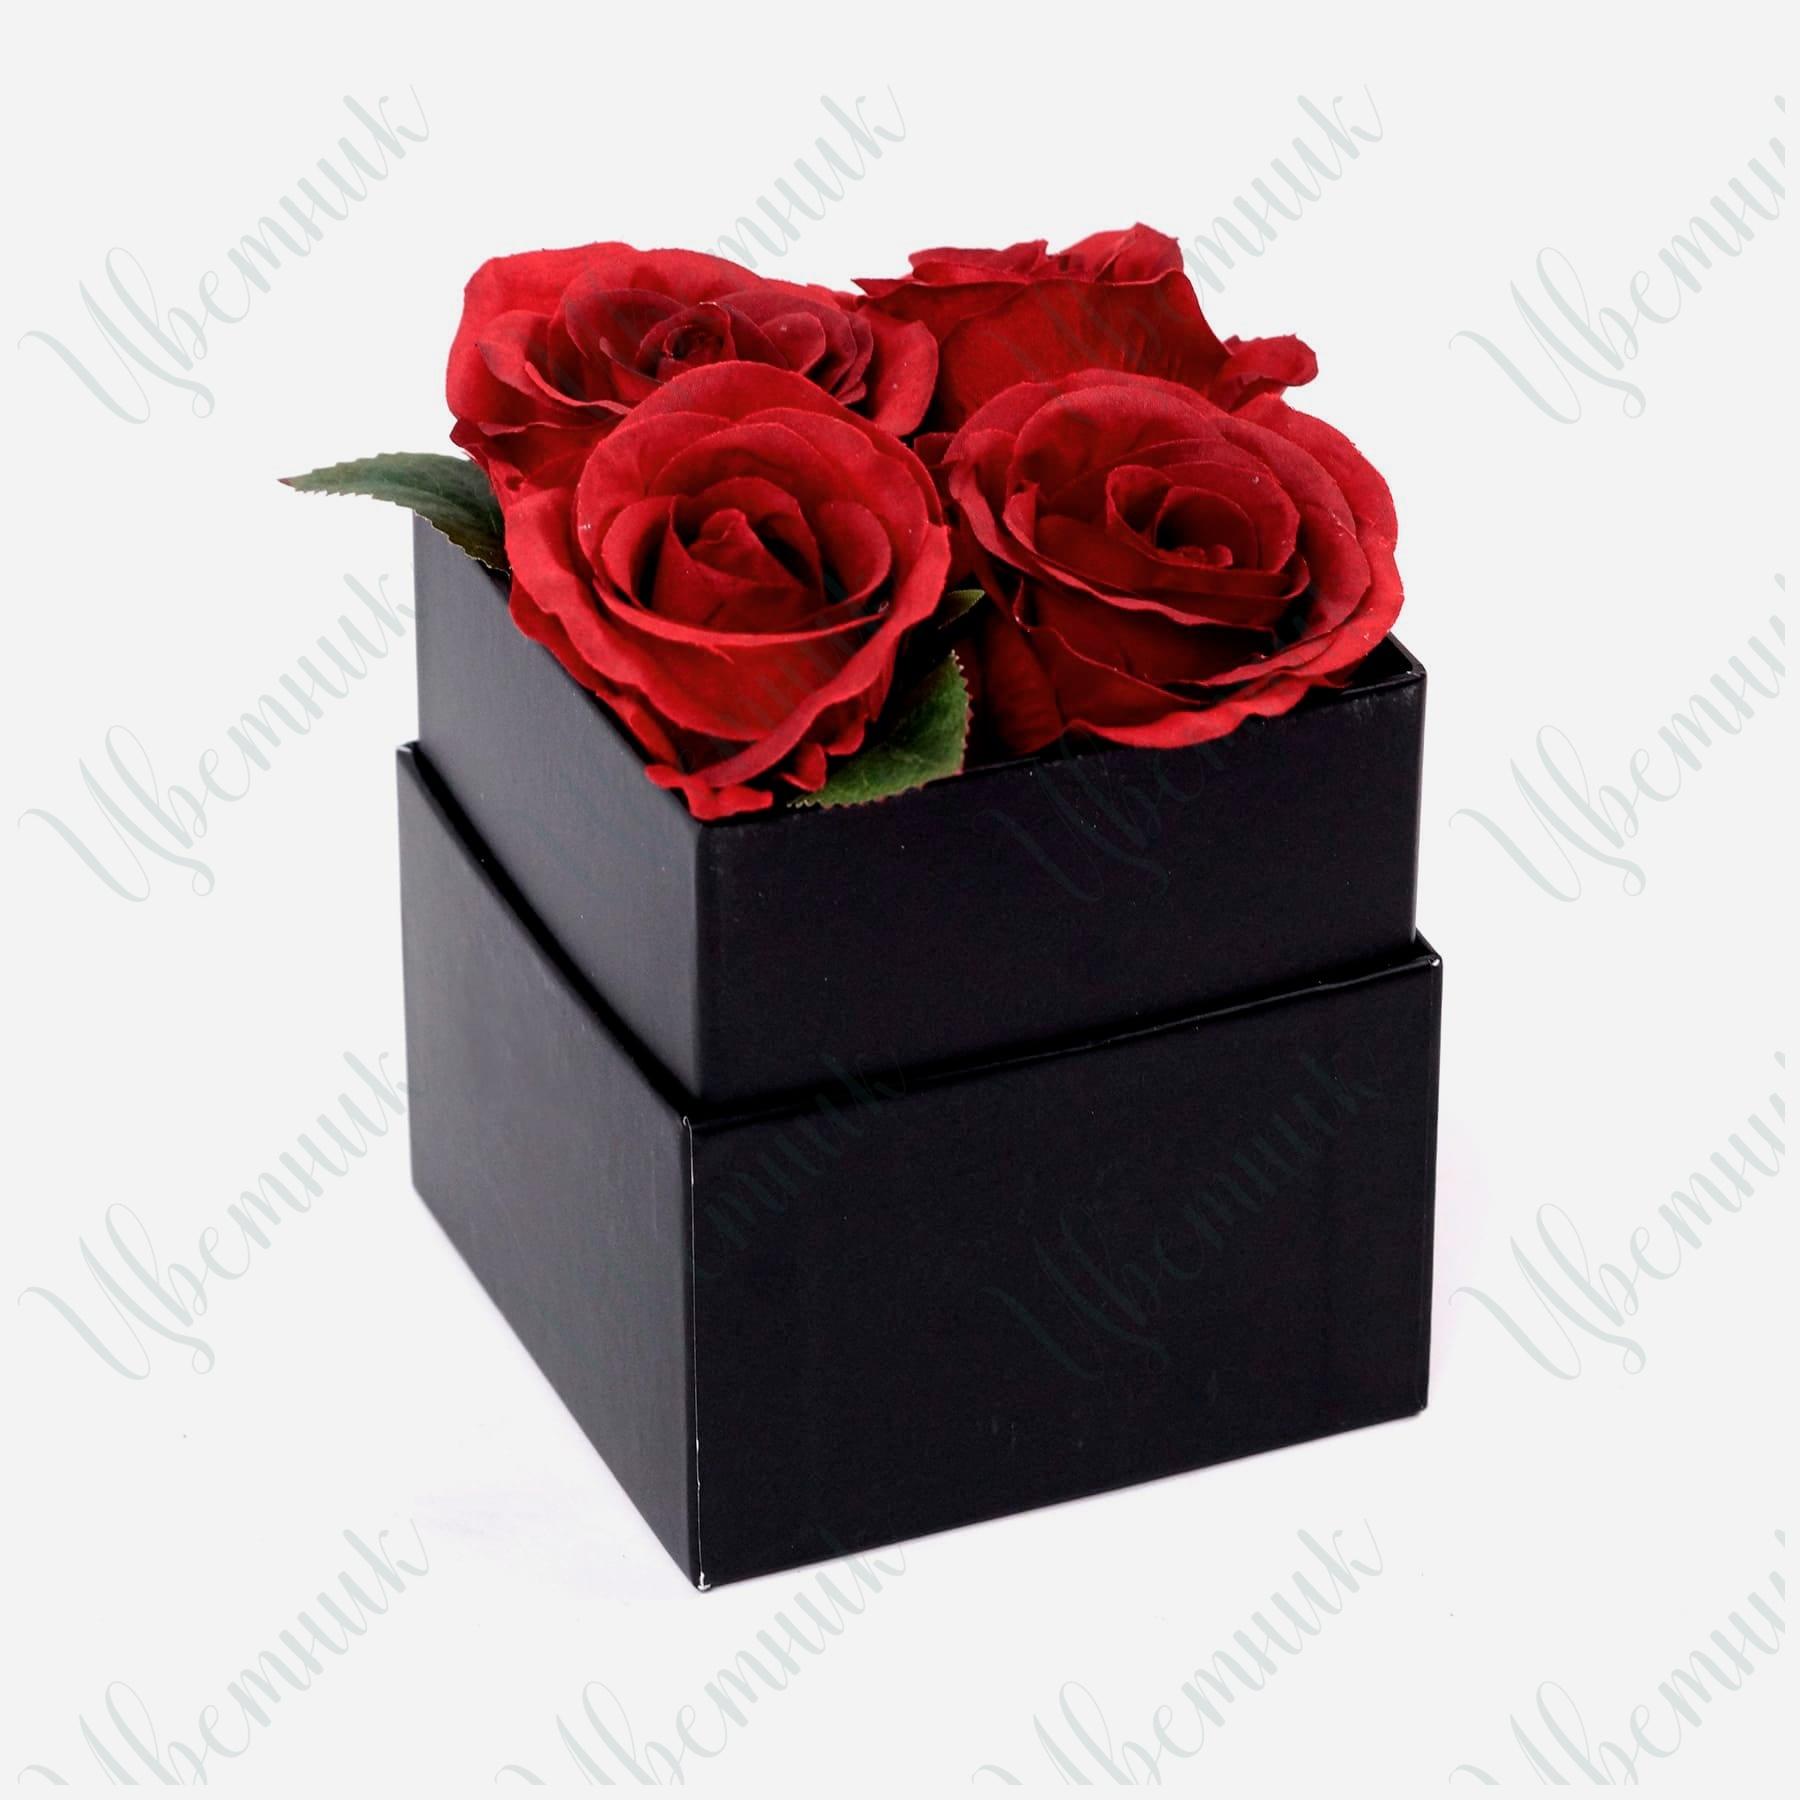 Квадратная шляпная коробка с 4 красными розами